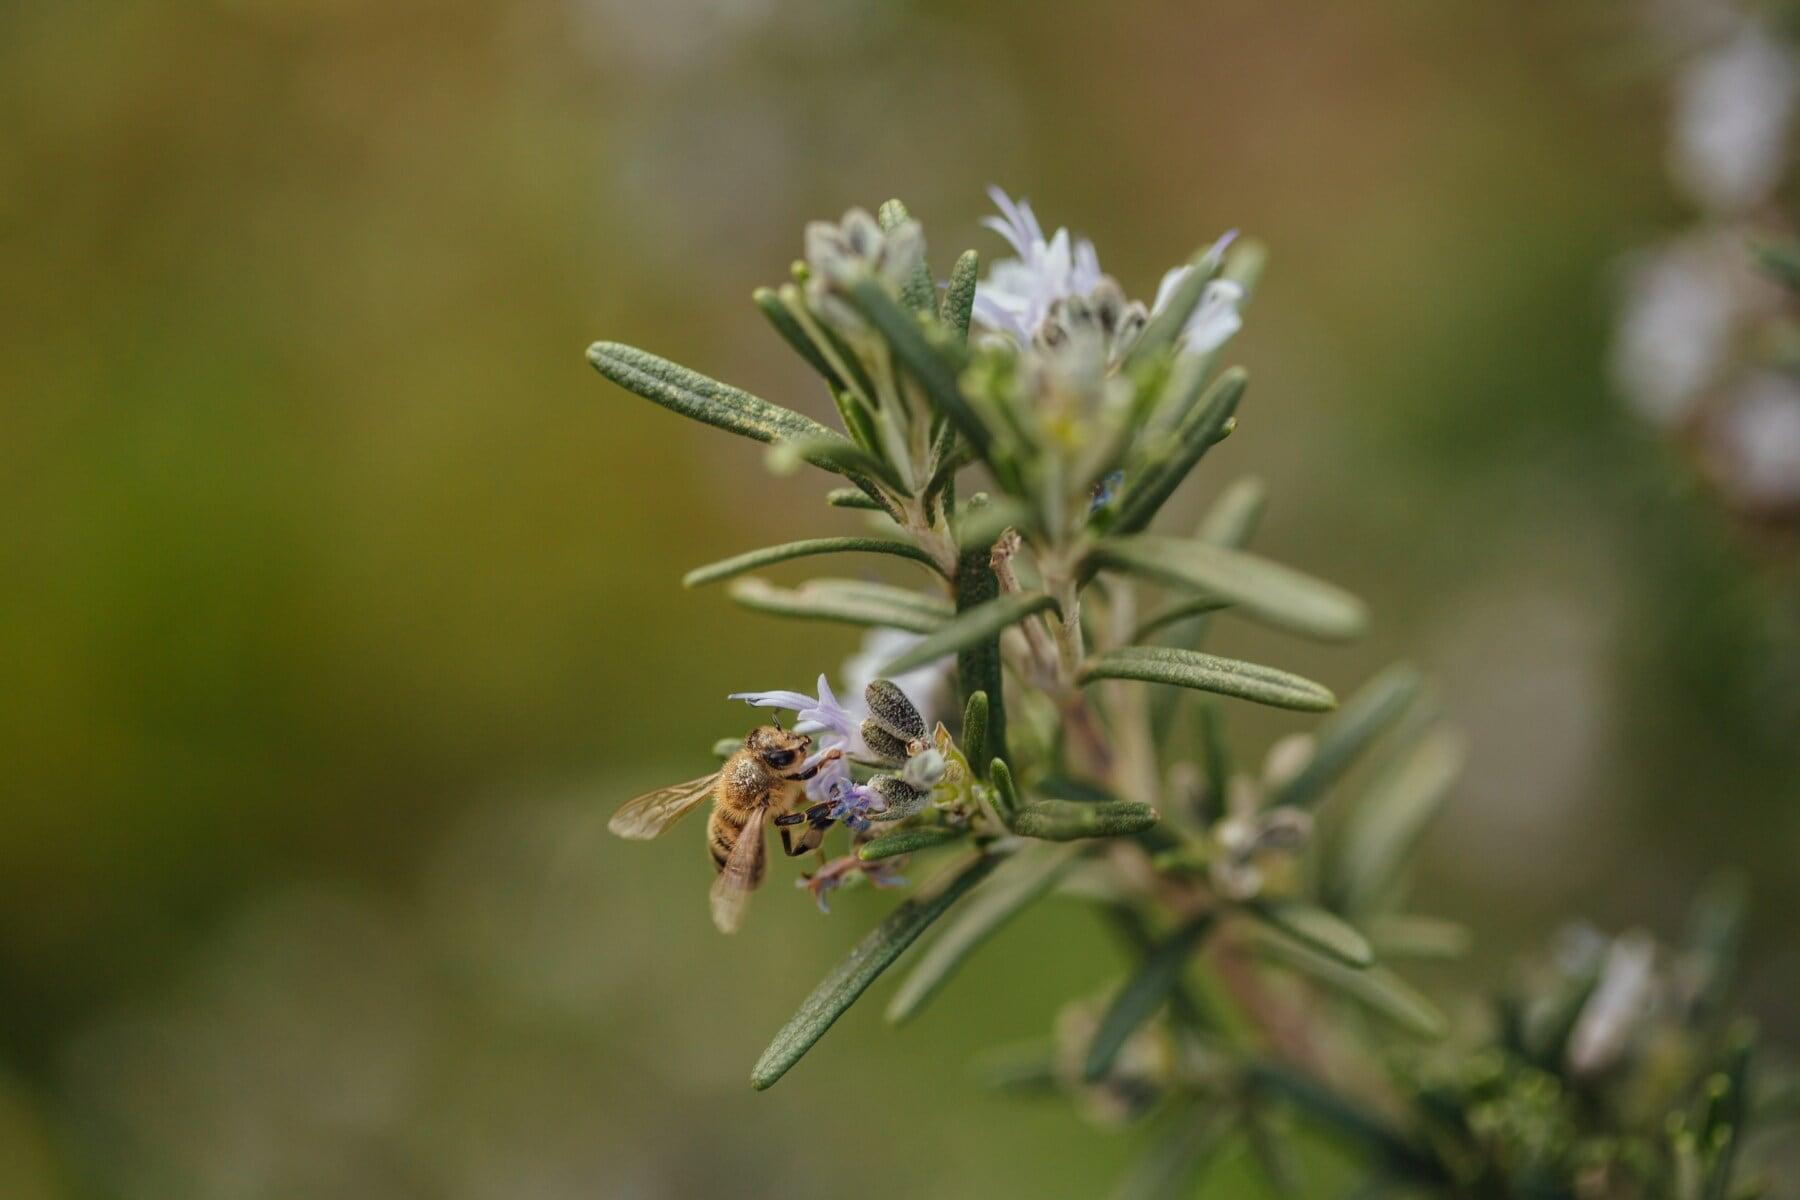 pollen, nectar, bee, honeybee, pollination, blur, rosemary, herb, garden, nature